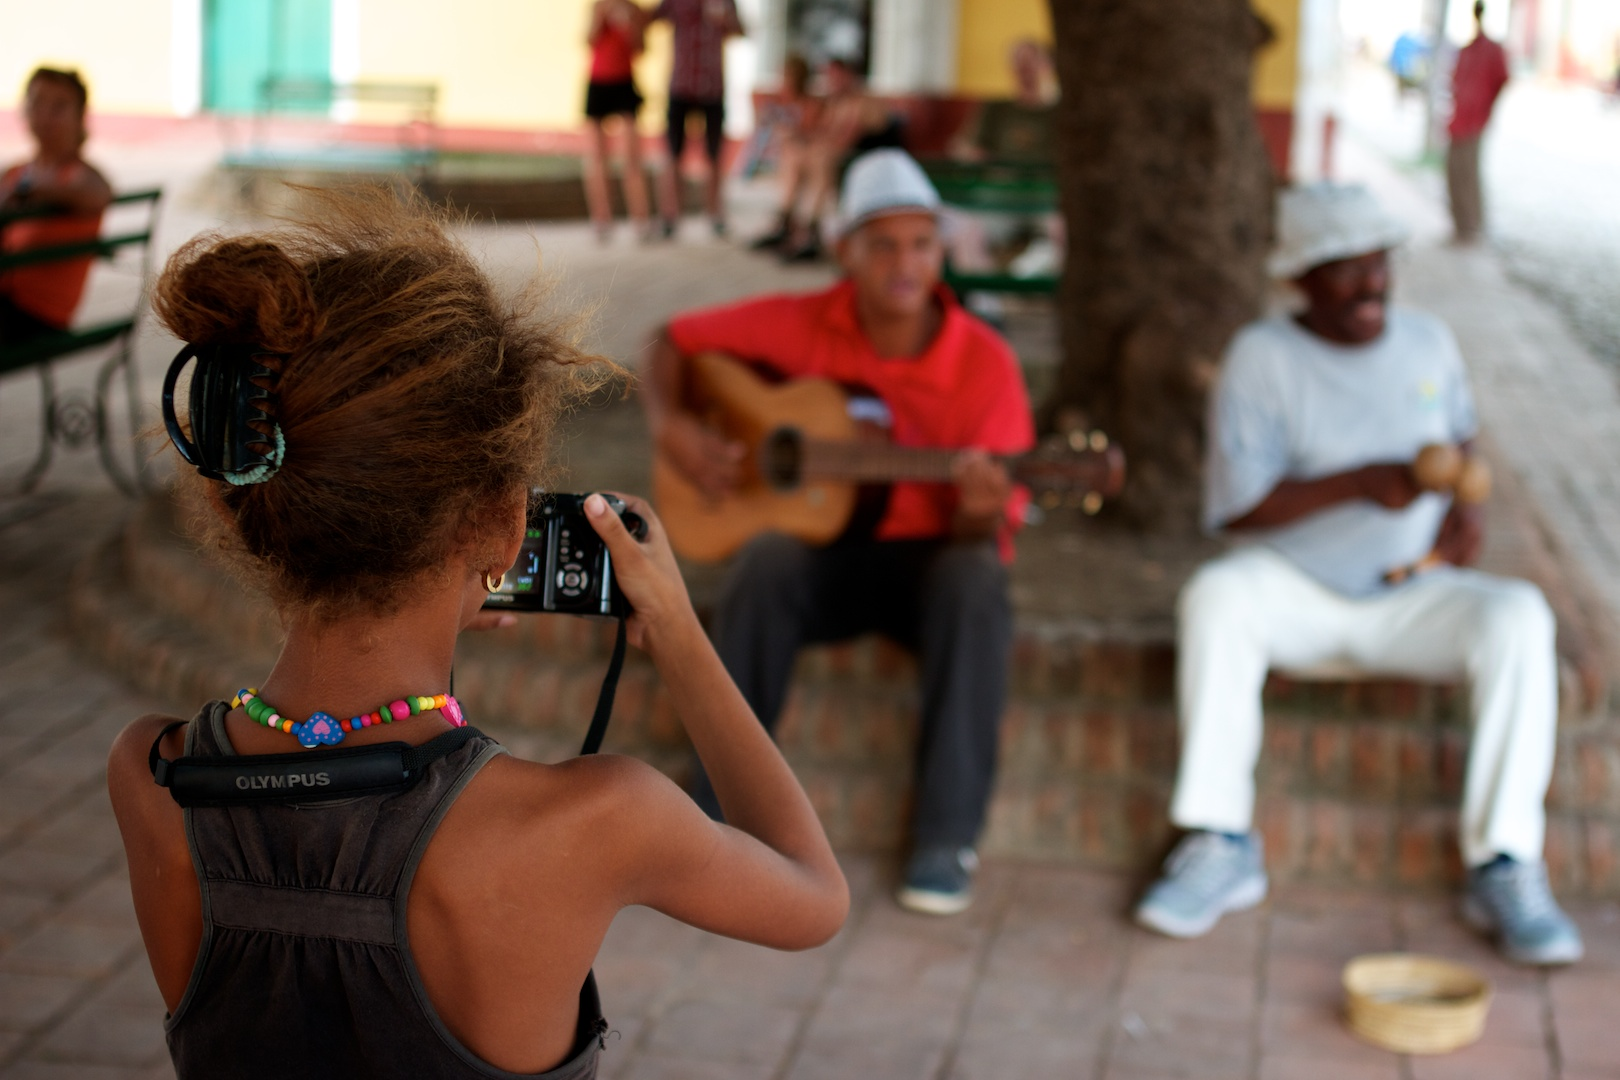 Cuba_20151130 092.jpg